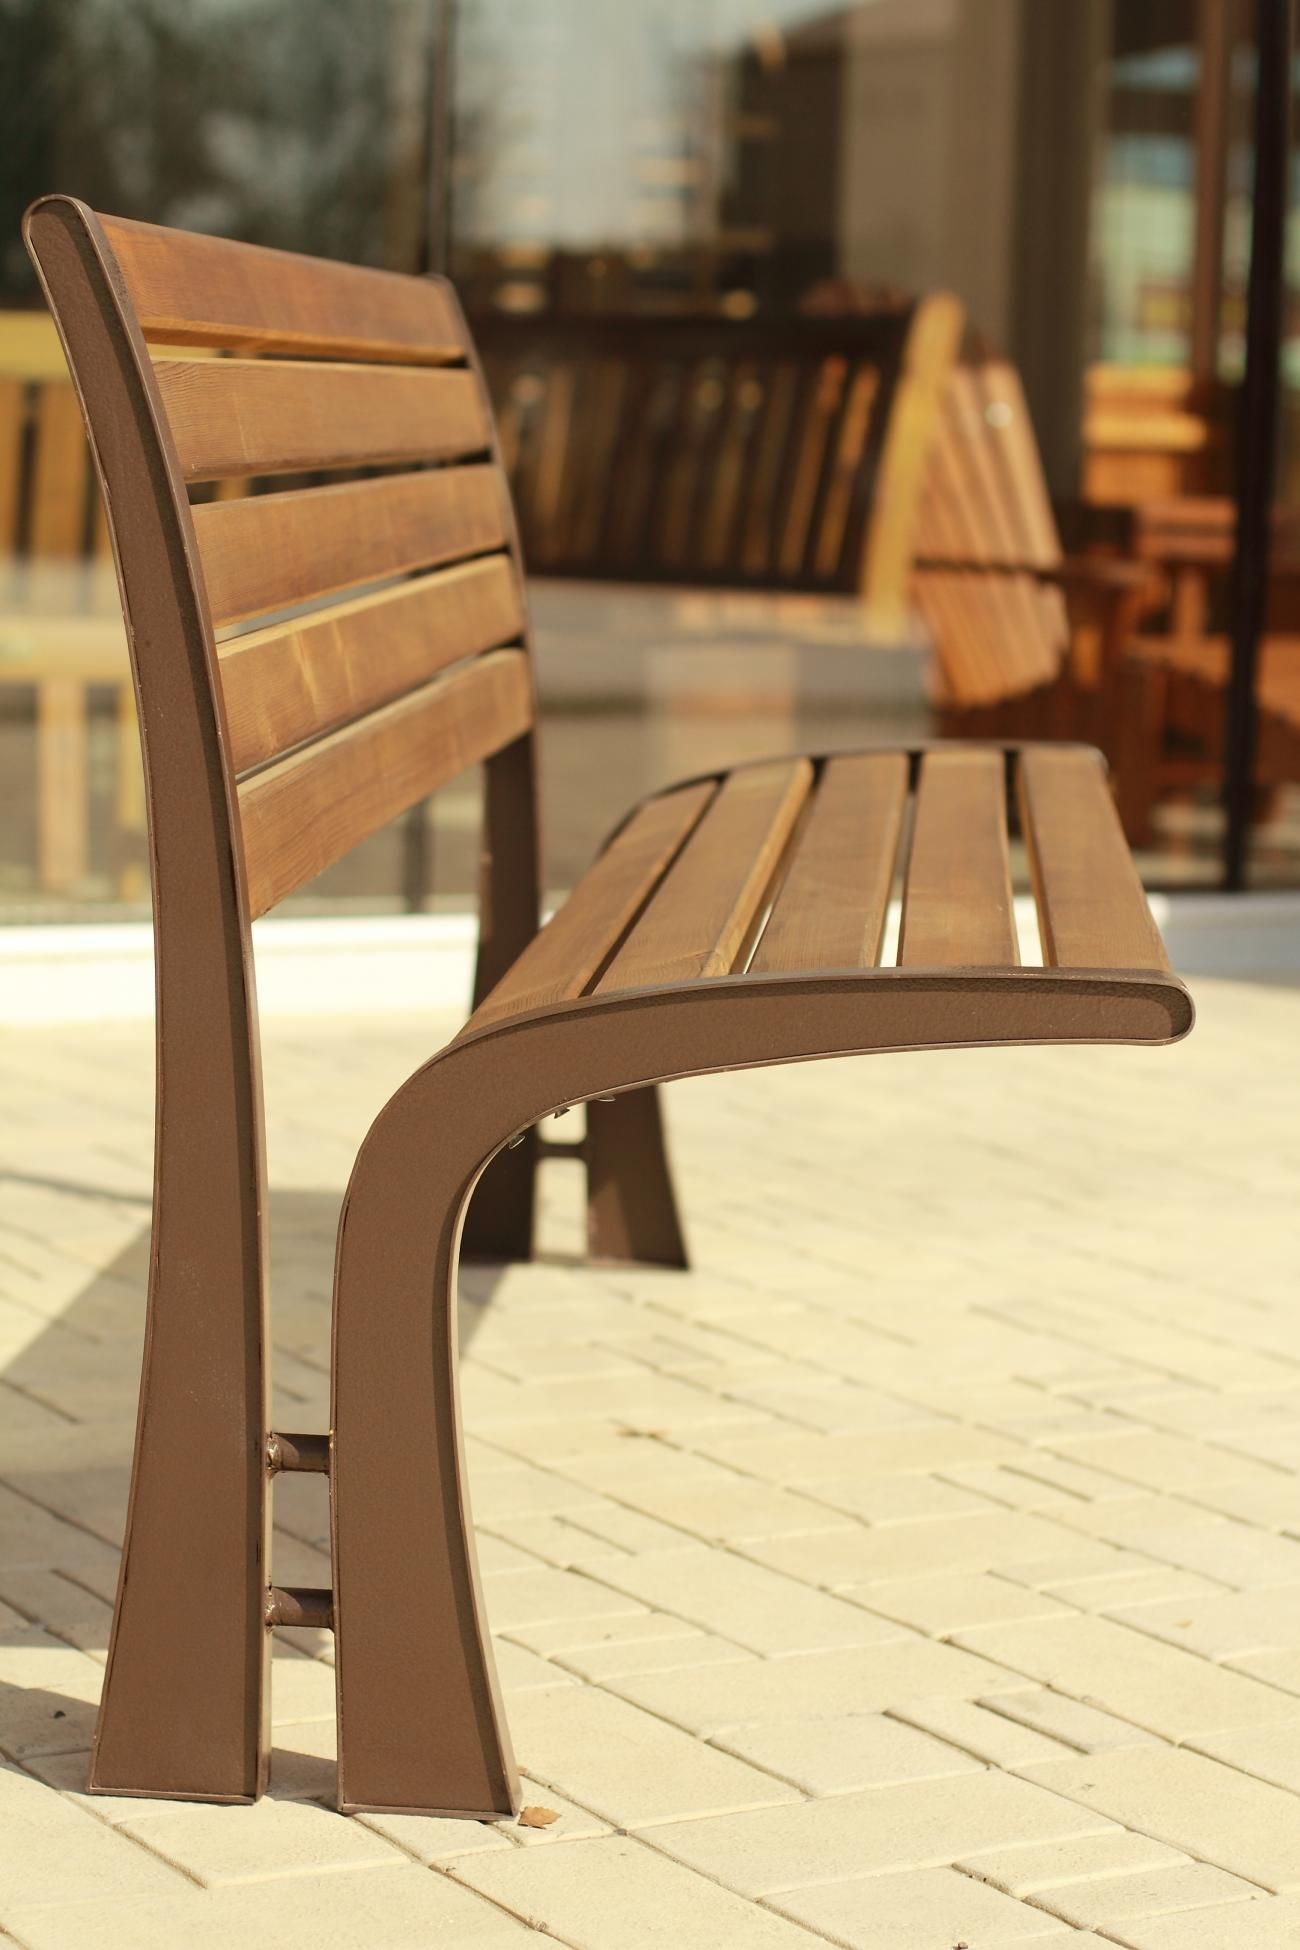 VICTORIA garden bench modern metal with wood   Urban